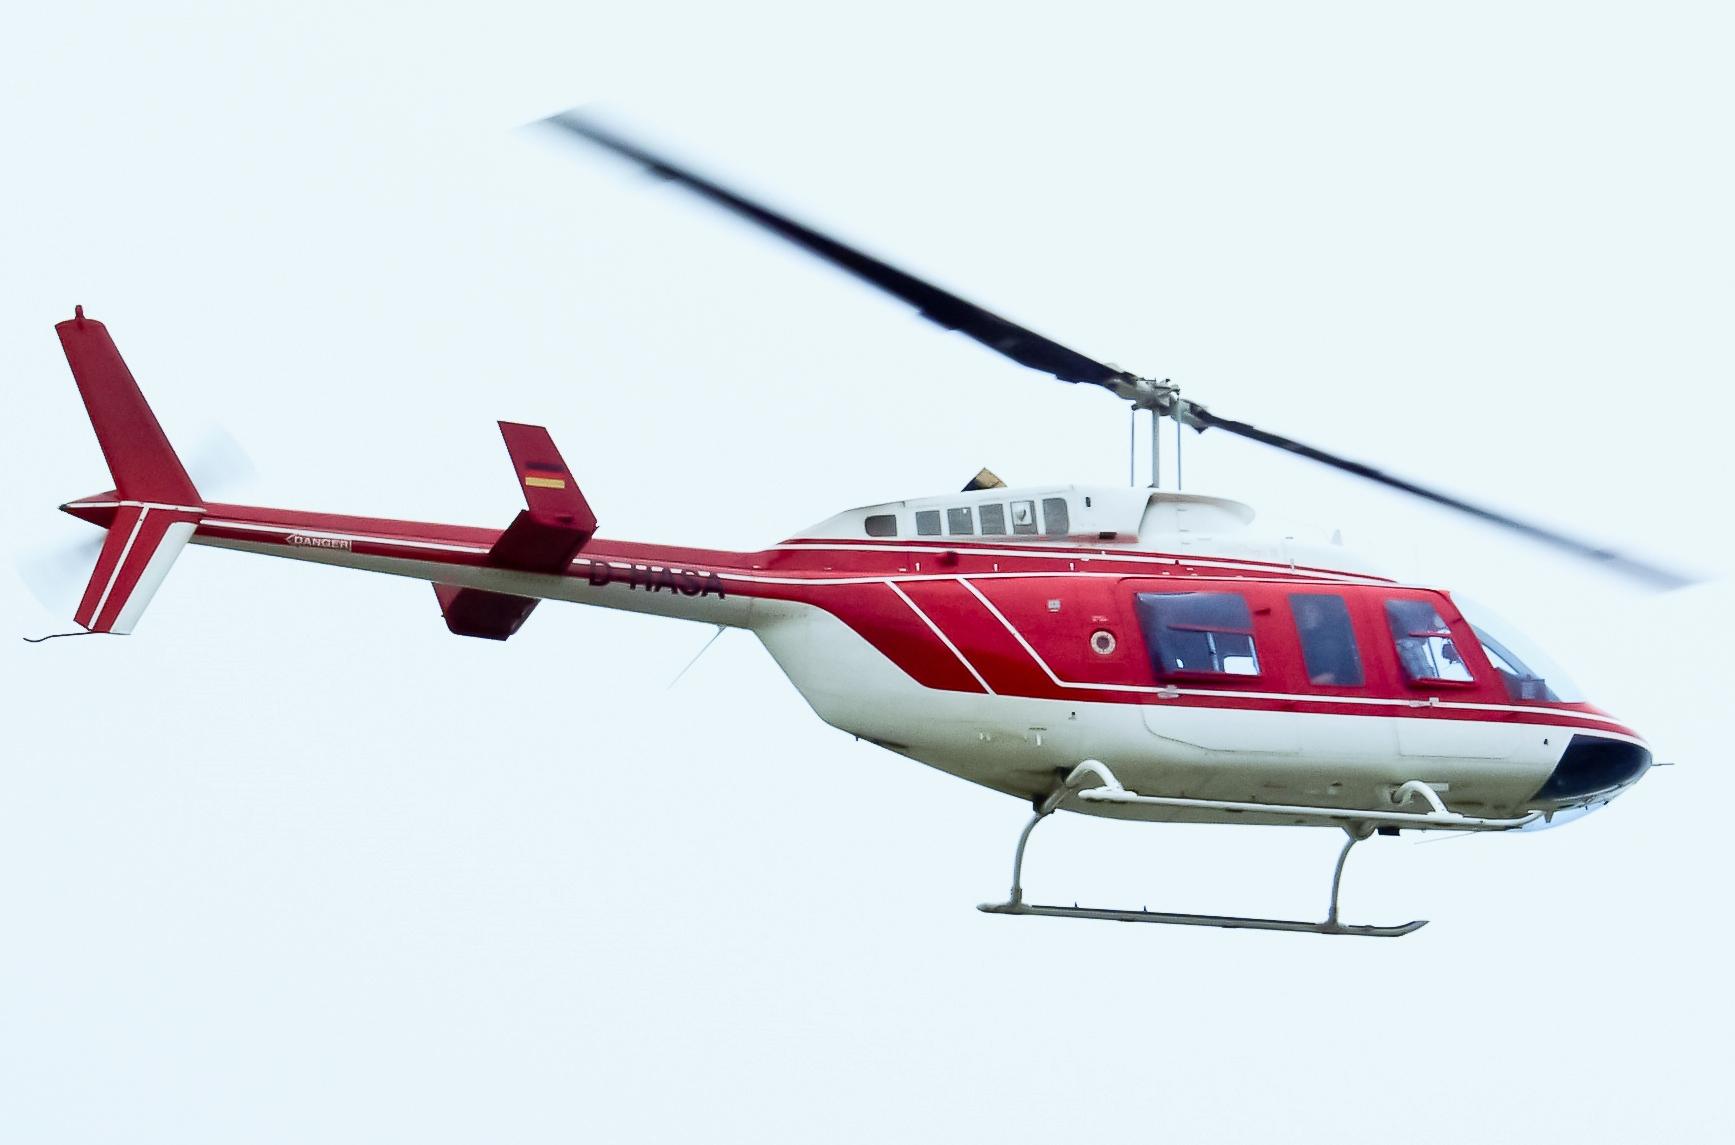 bell 206 military wiki fandom powered by wikia rh military wikia com Bell 206 Bell 222